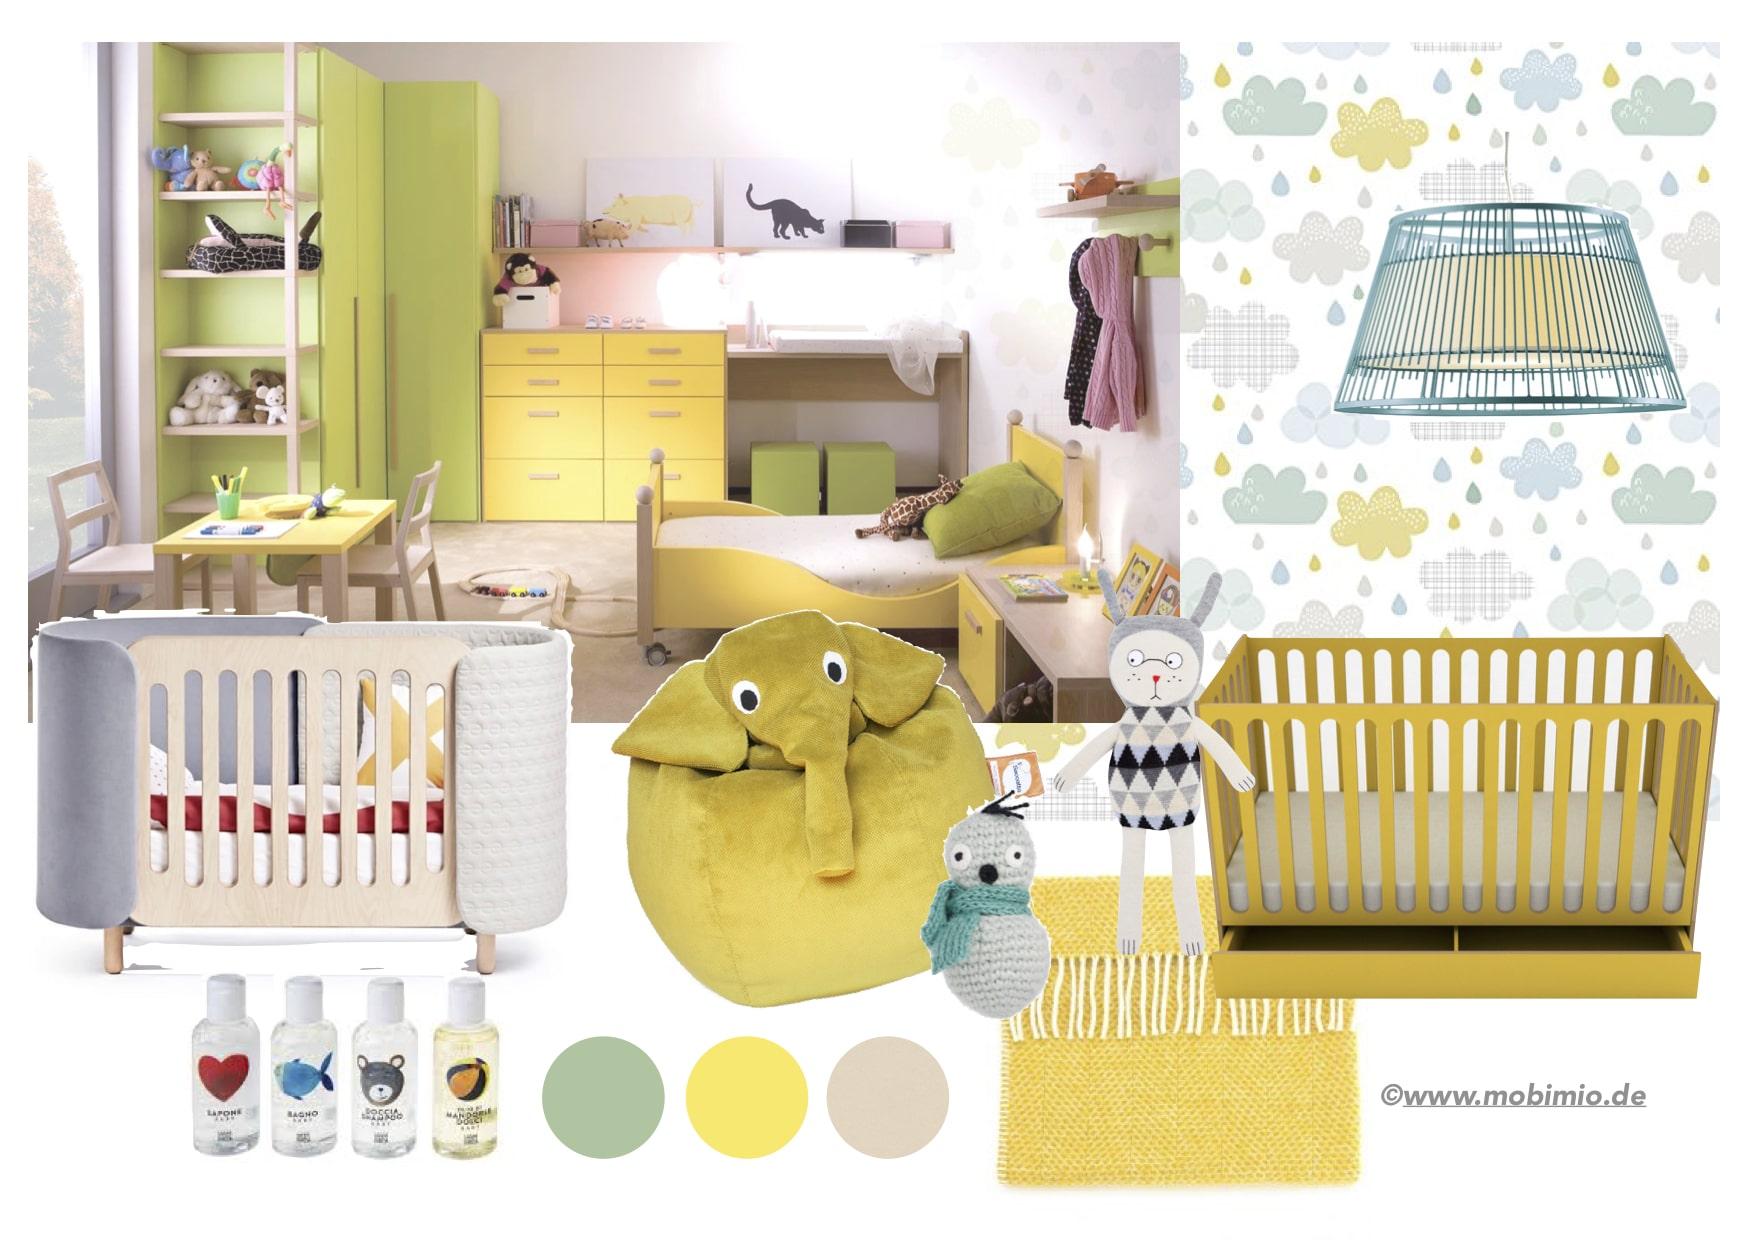 Babyzimmer modern einrichten mit Design Babymöbel